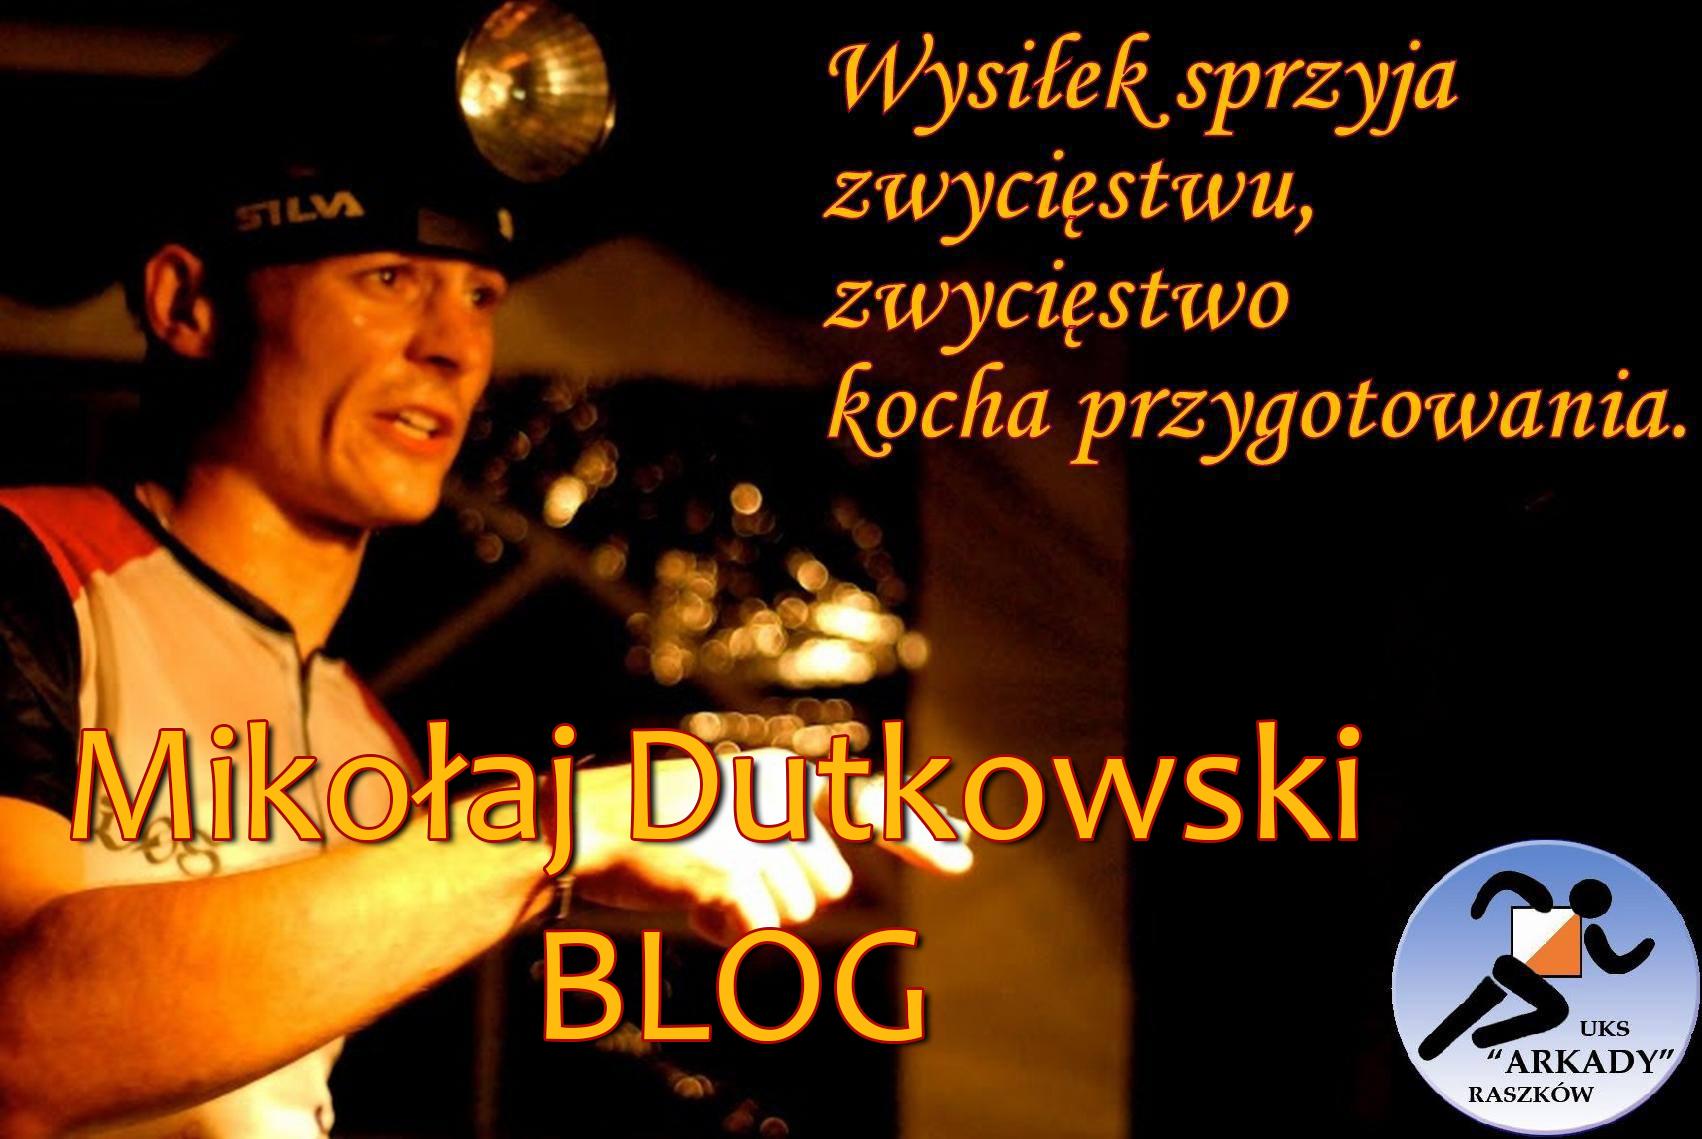 Mikołaj Dutkowski - blog